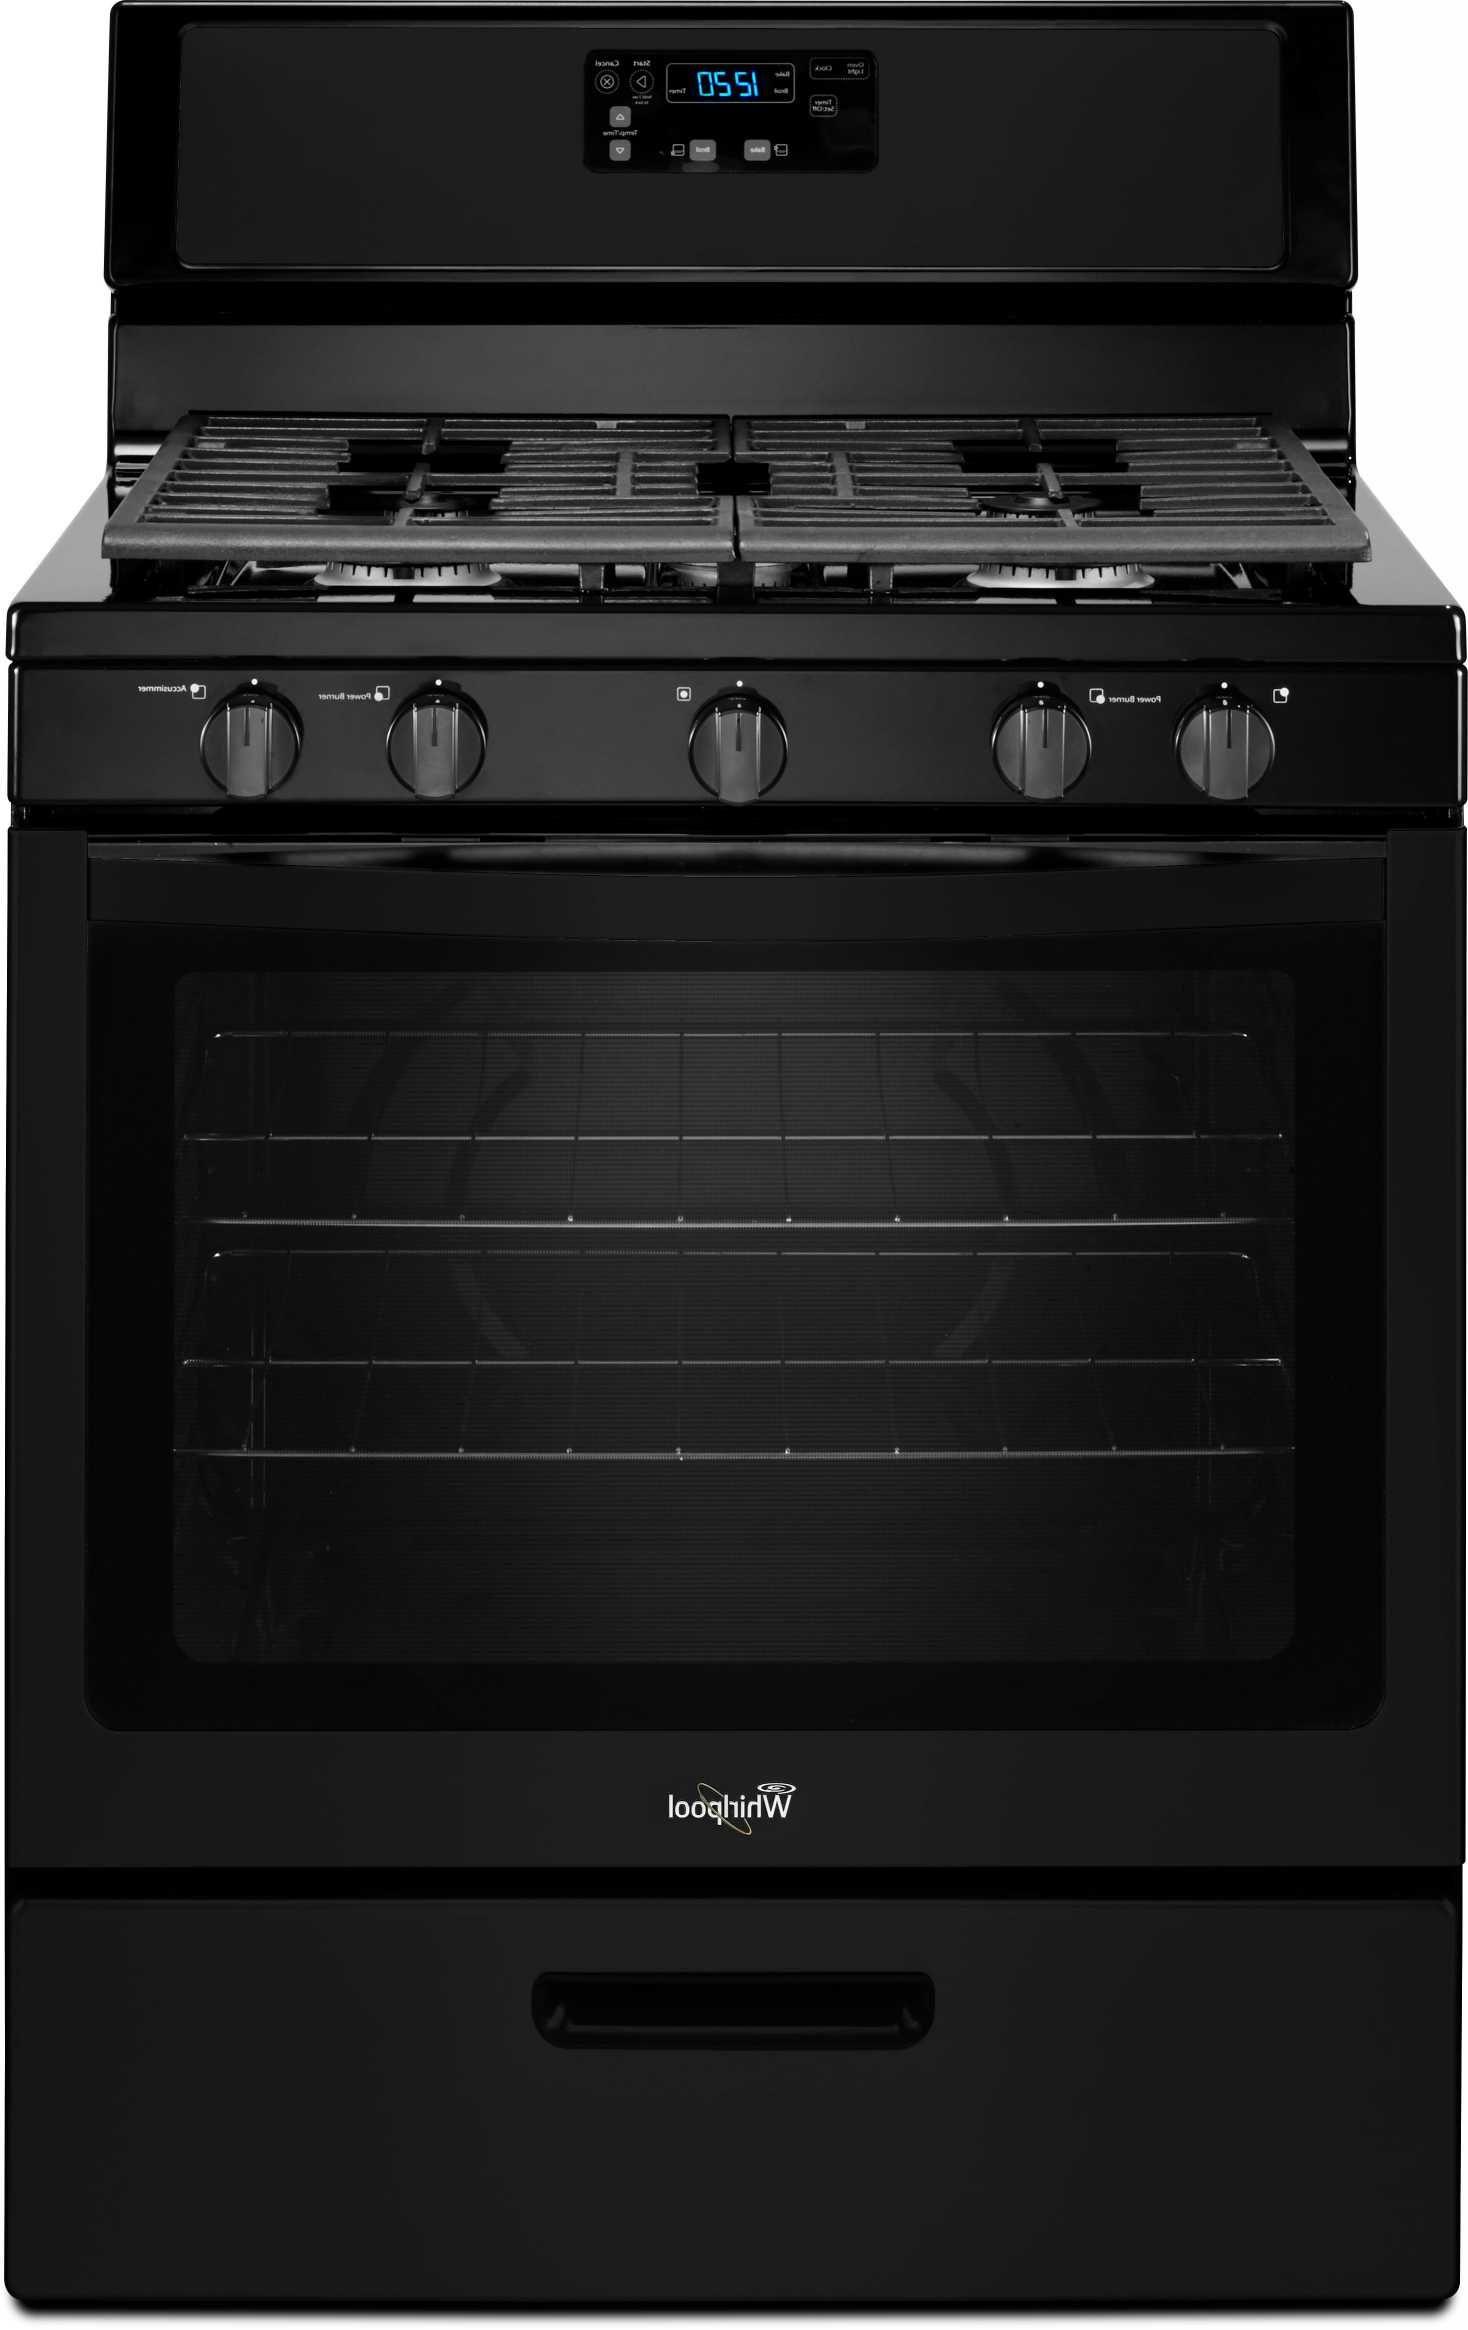 American range whirlpool ranges cooking in pinterest